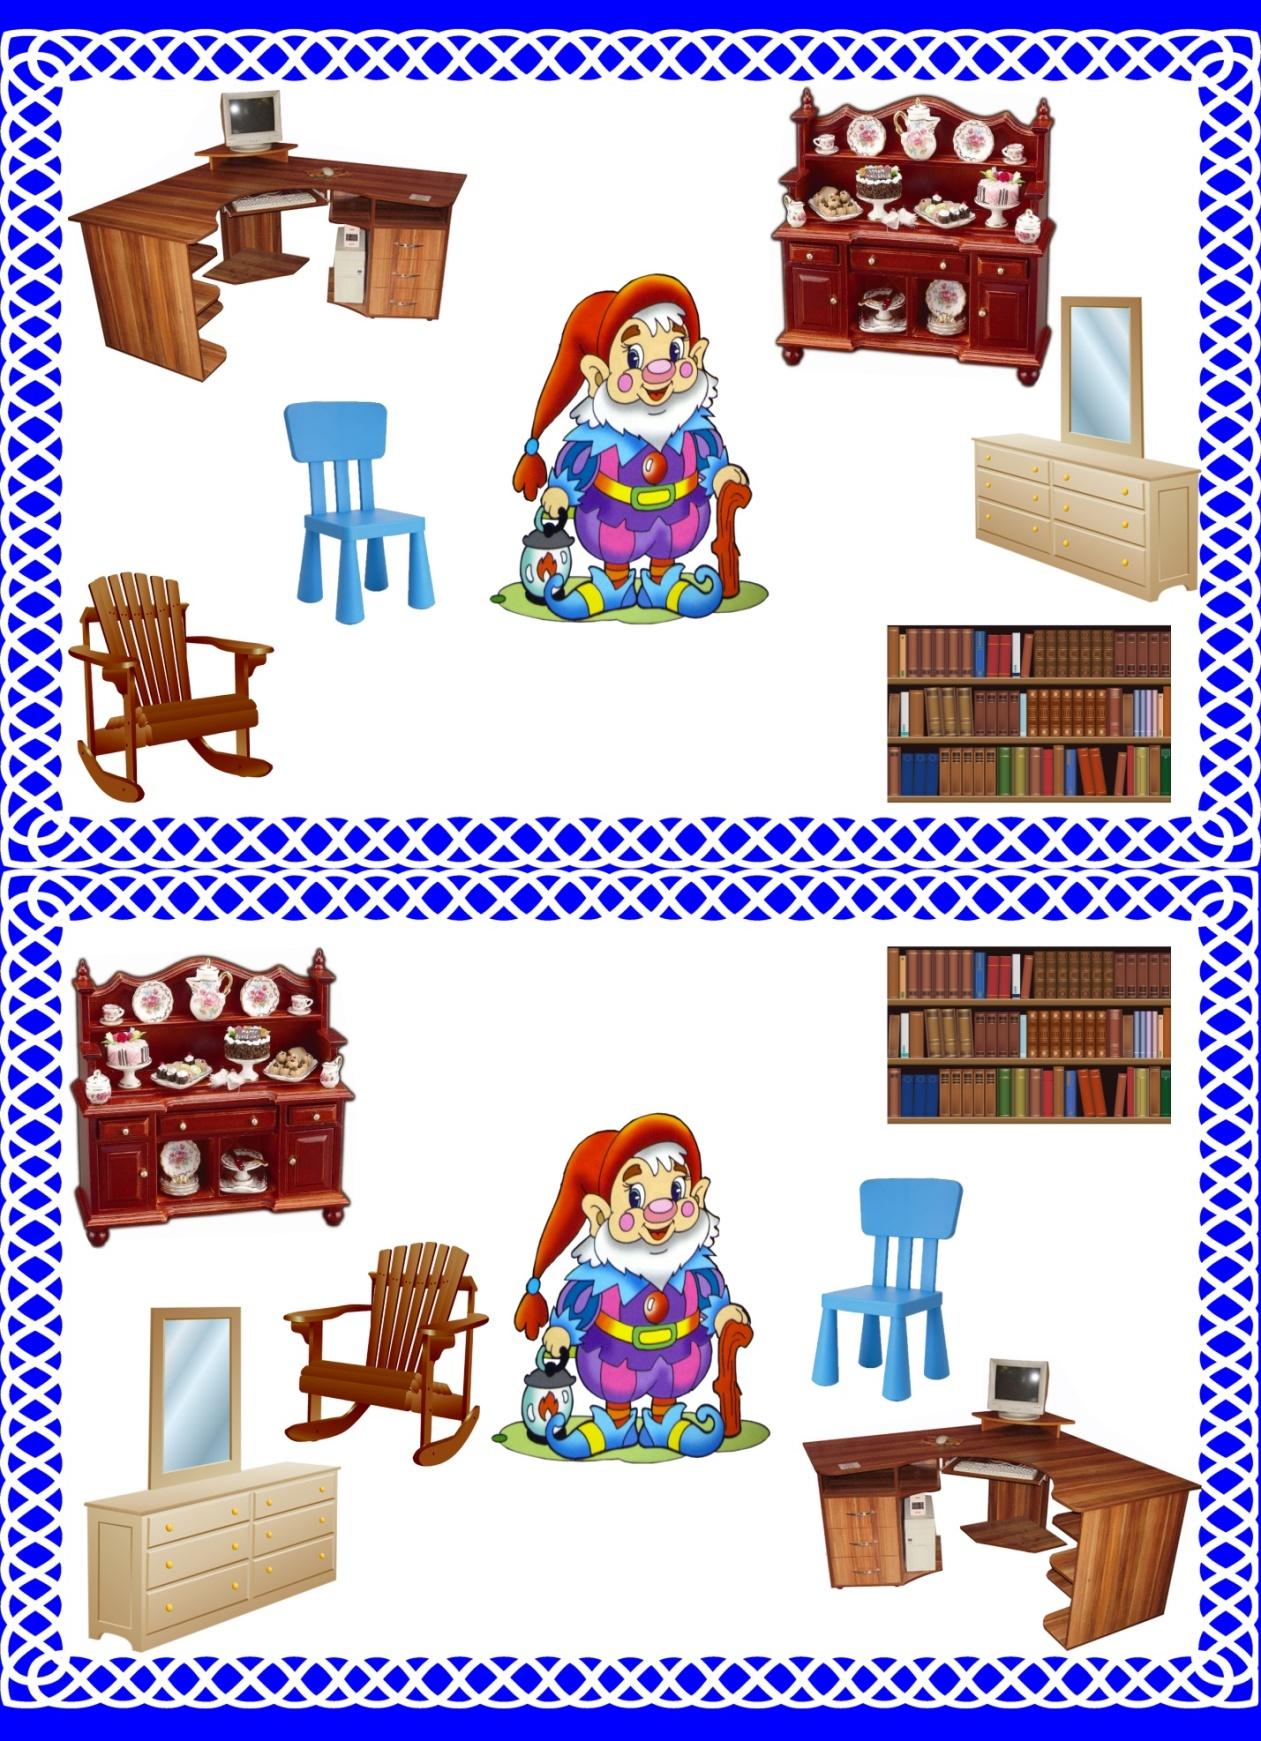 D:\рабочие документы\Детский сад\Дид.игры по лексическим темкам\Мебель\Что справа, что слева. Мебель\2.jpg